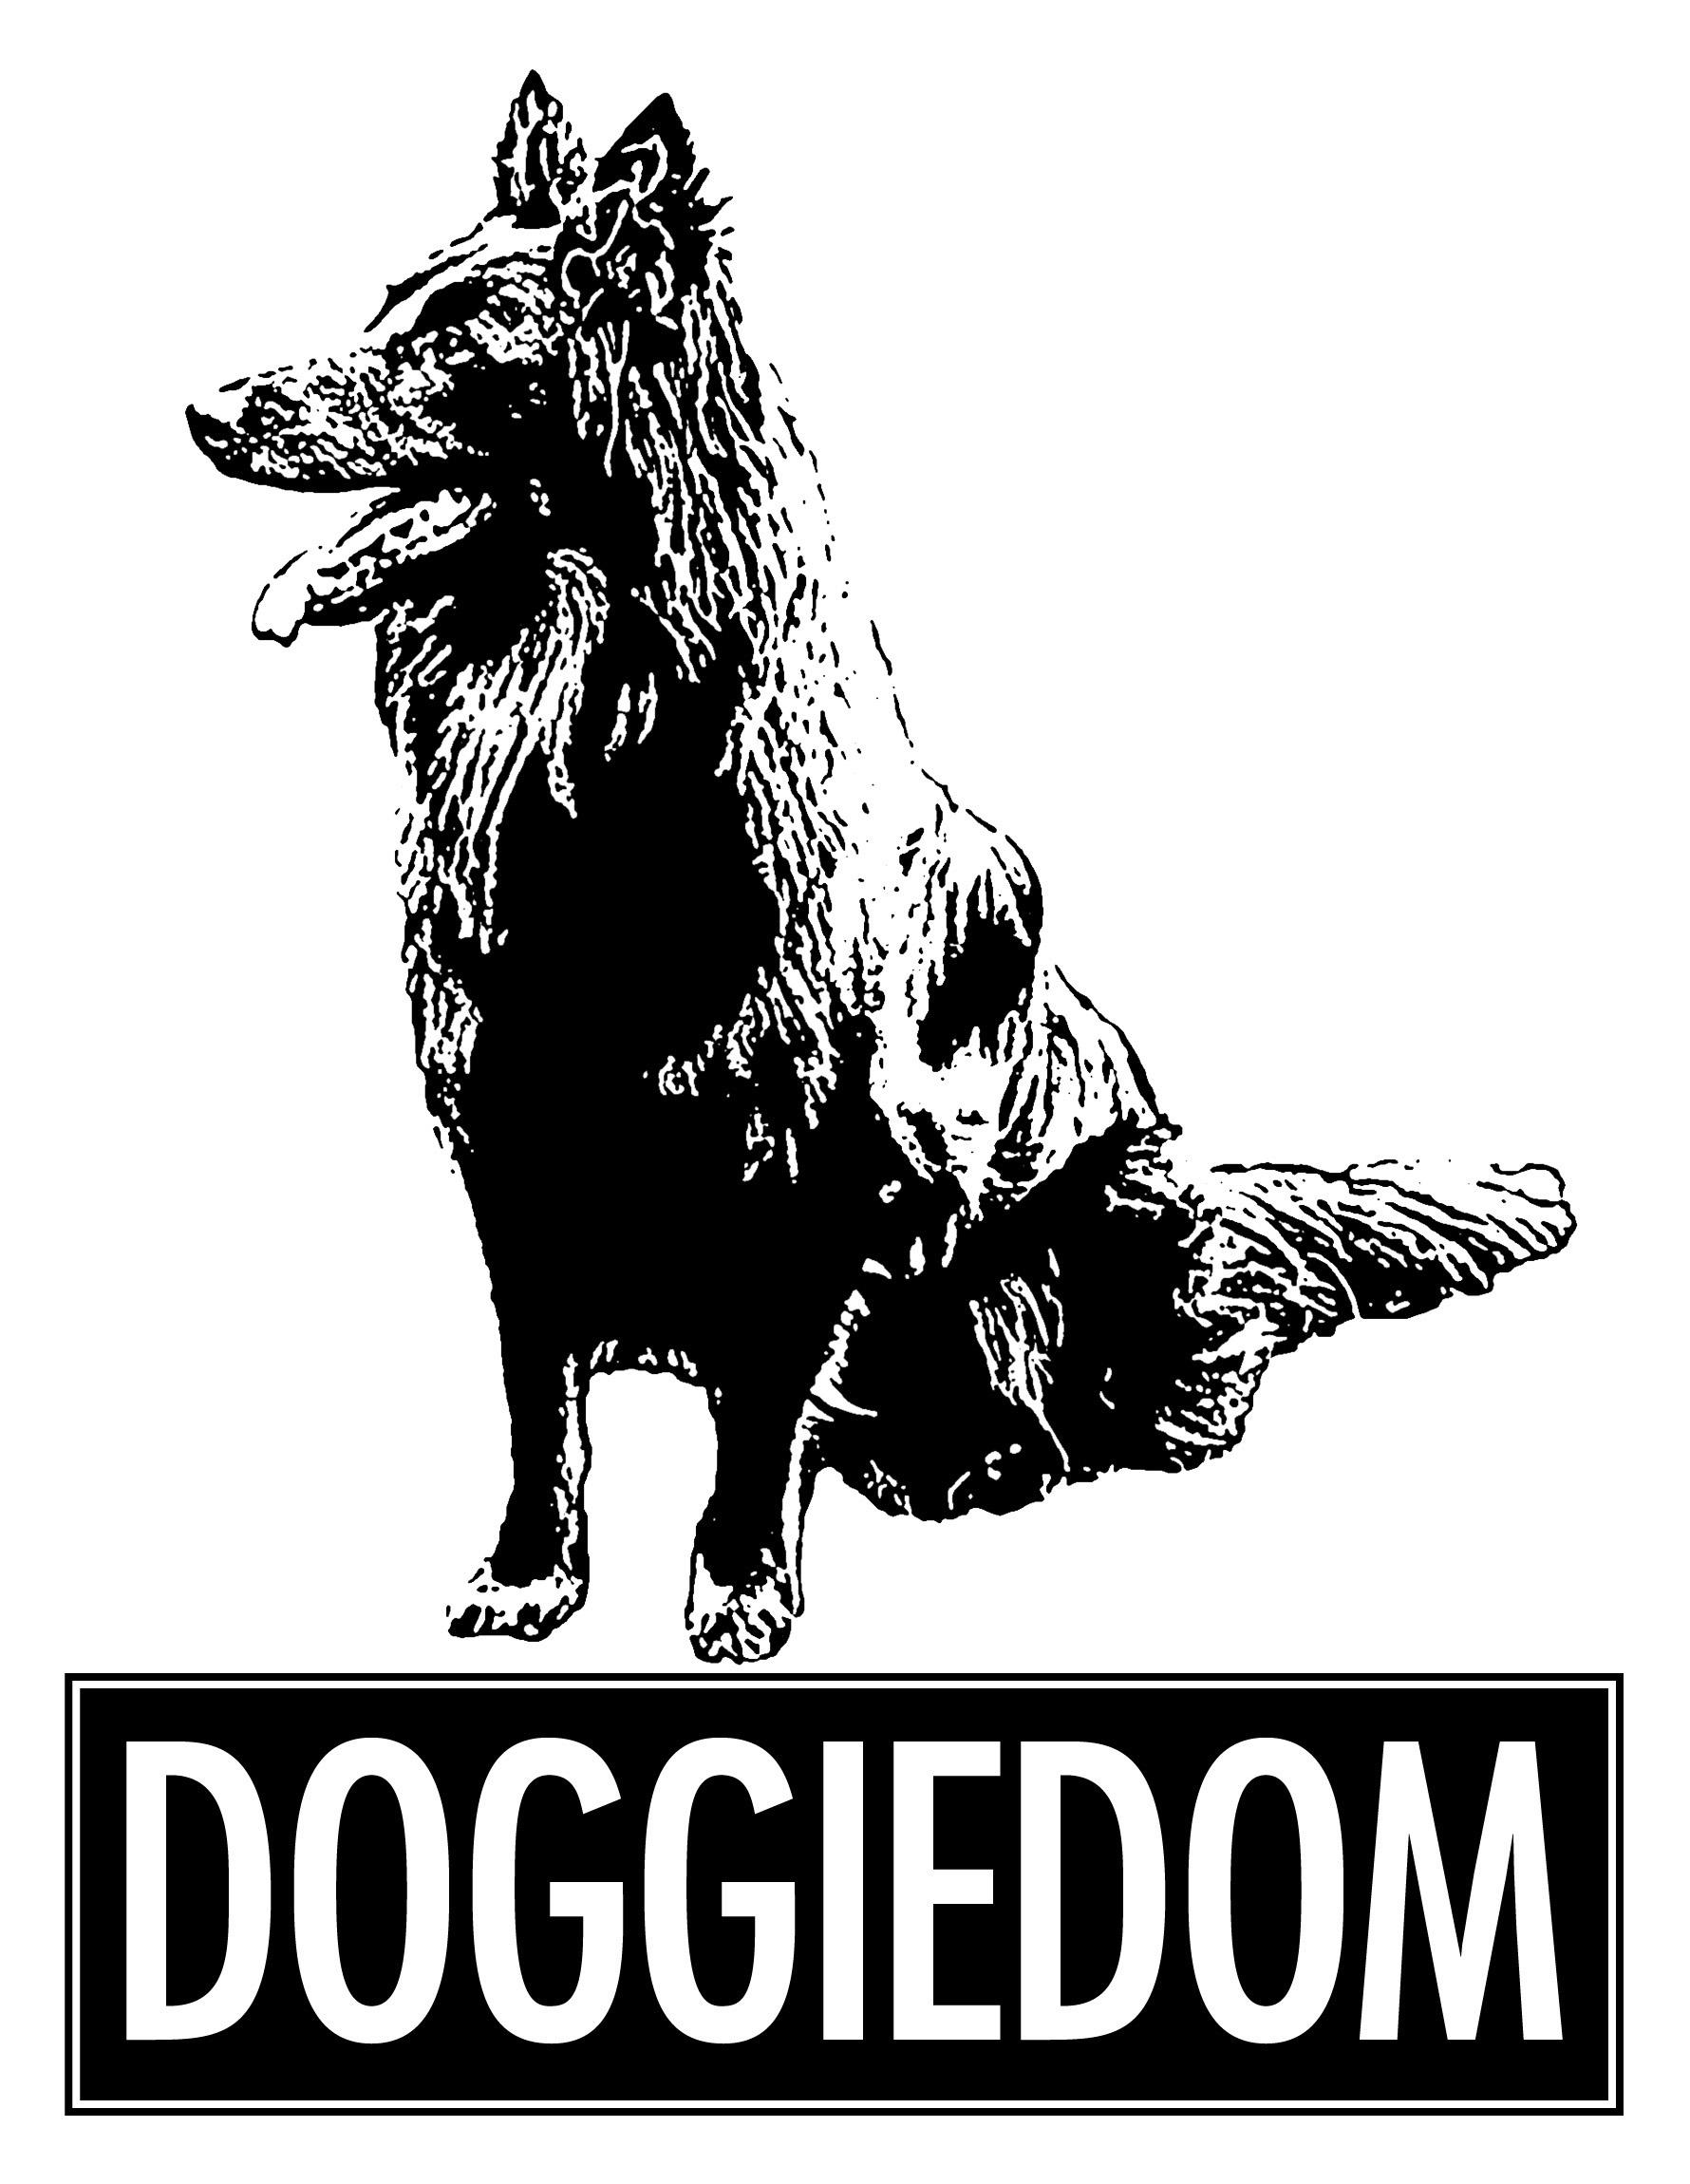 Doggiedom